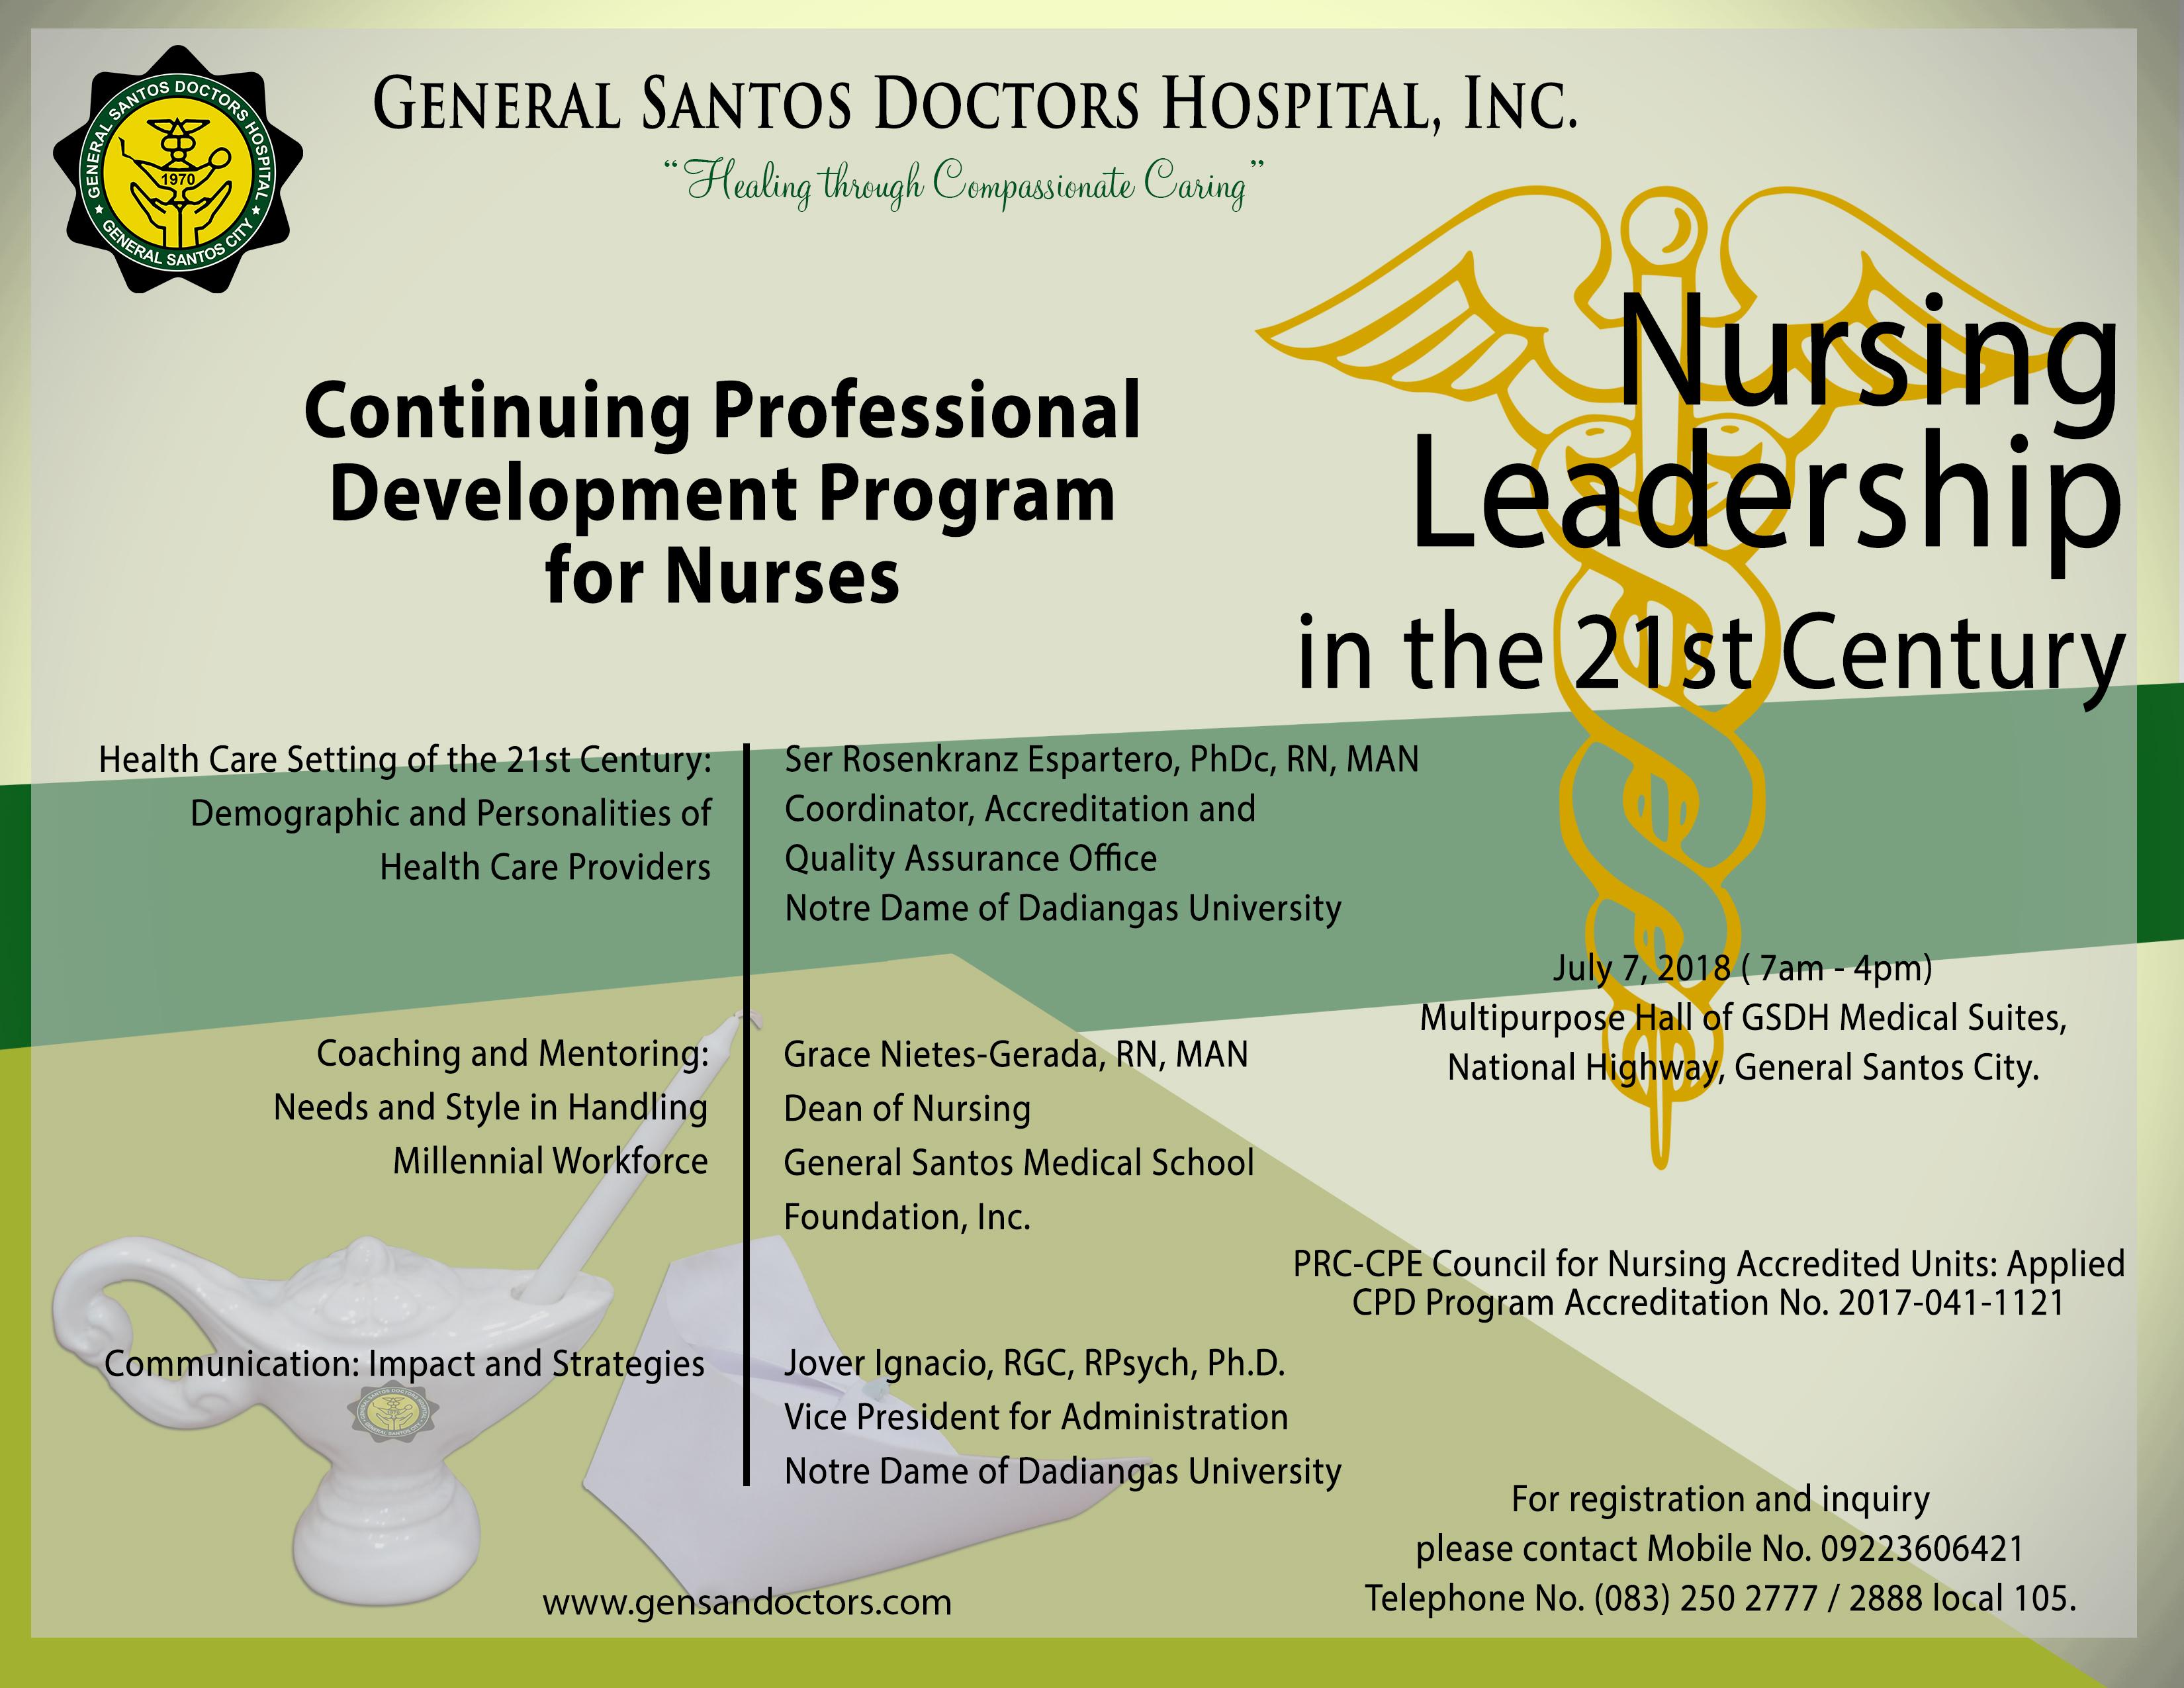 CPN 070718 – General Santos Doctors Hospital, Inc